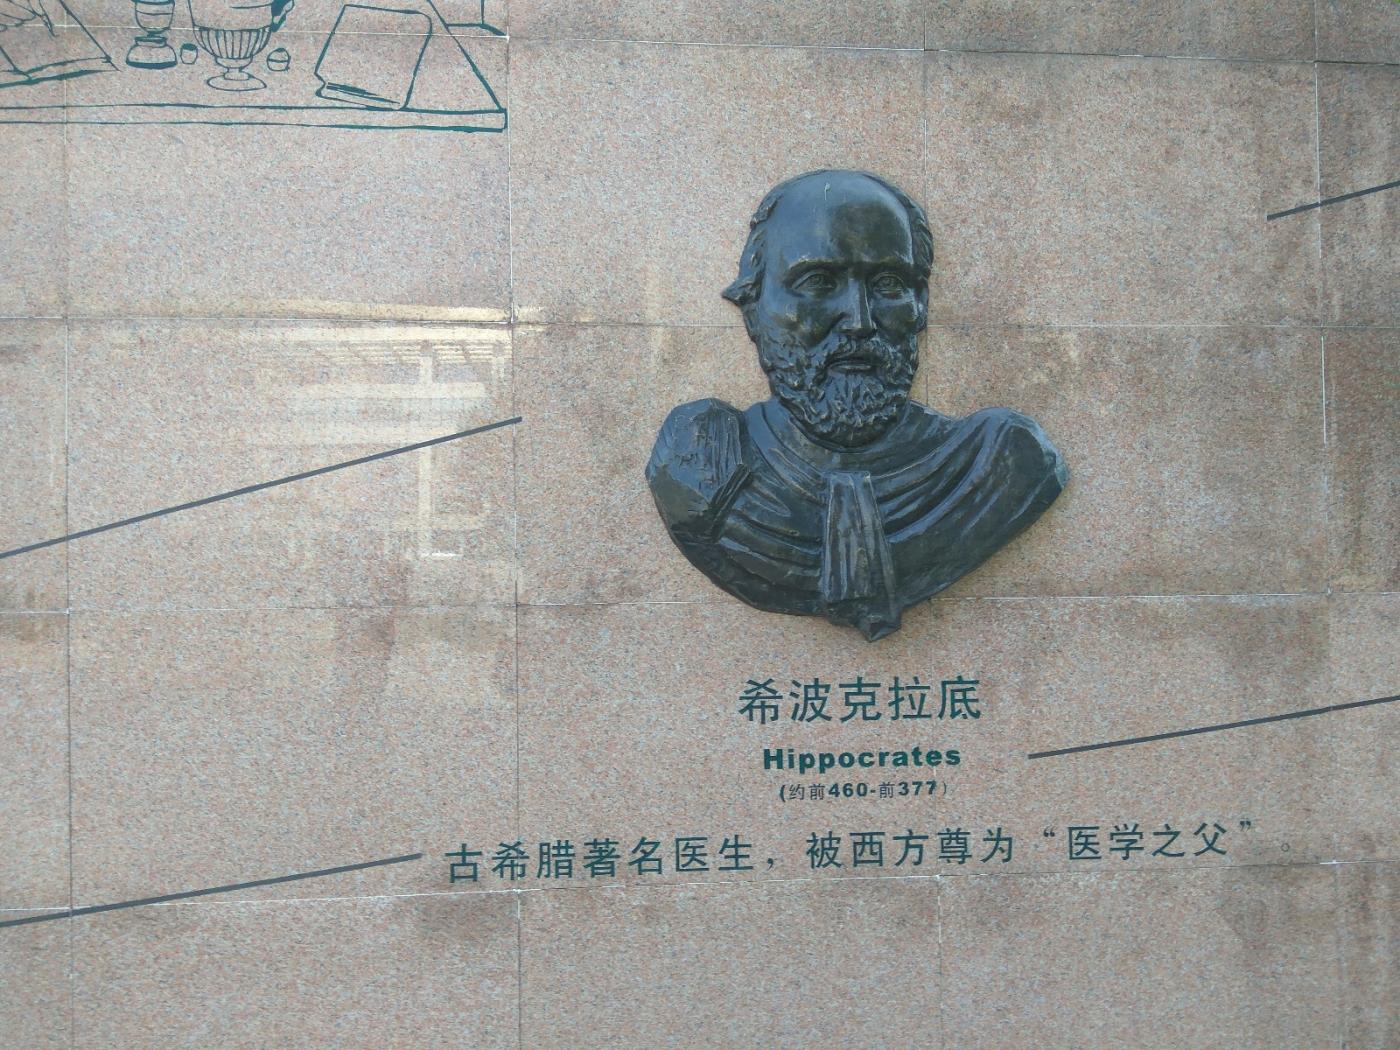 群雕:中外医学大师(图)_图1-30